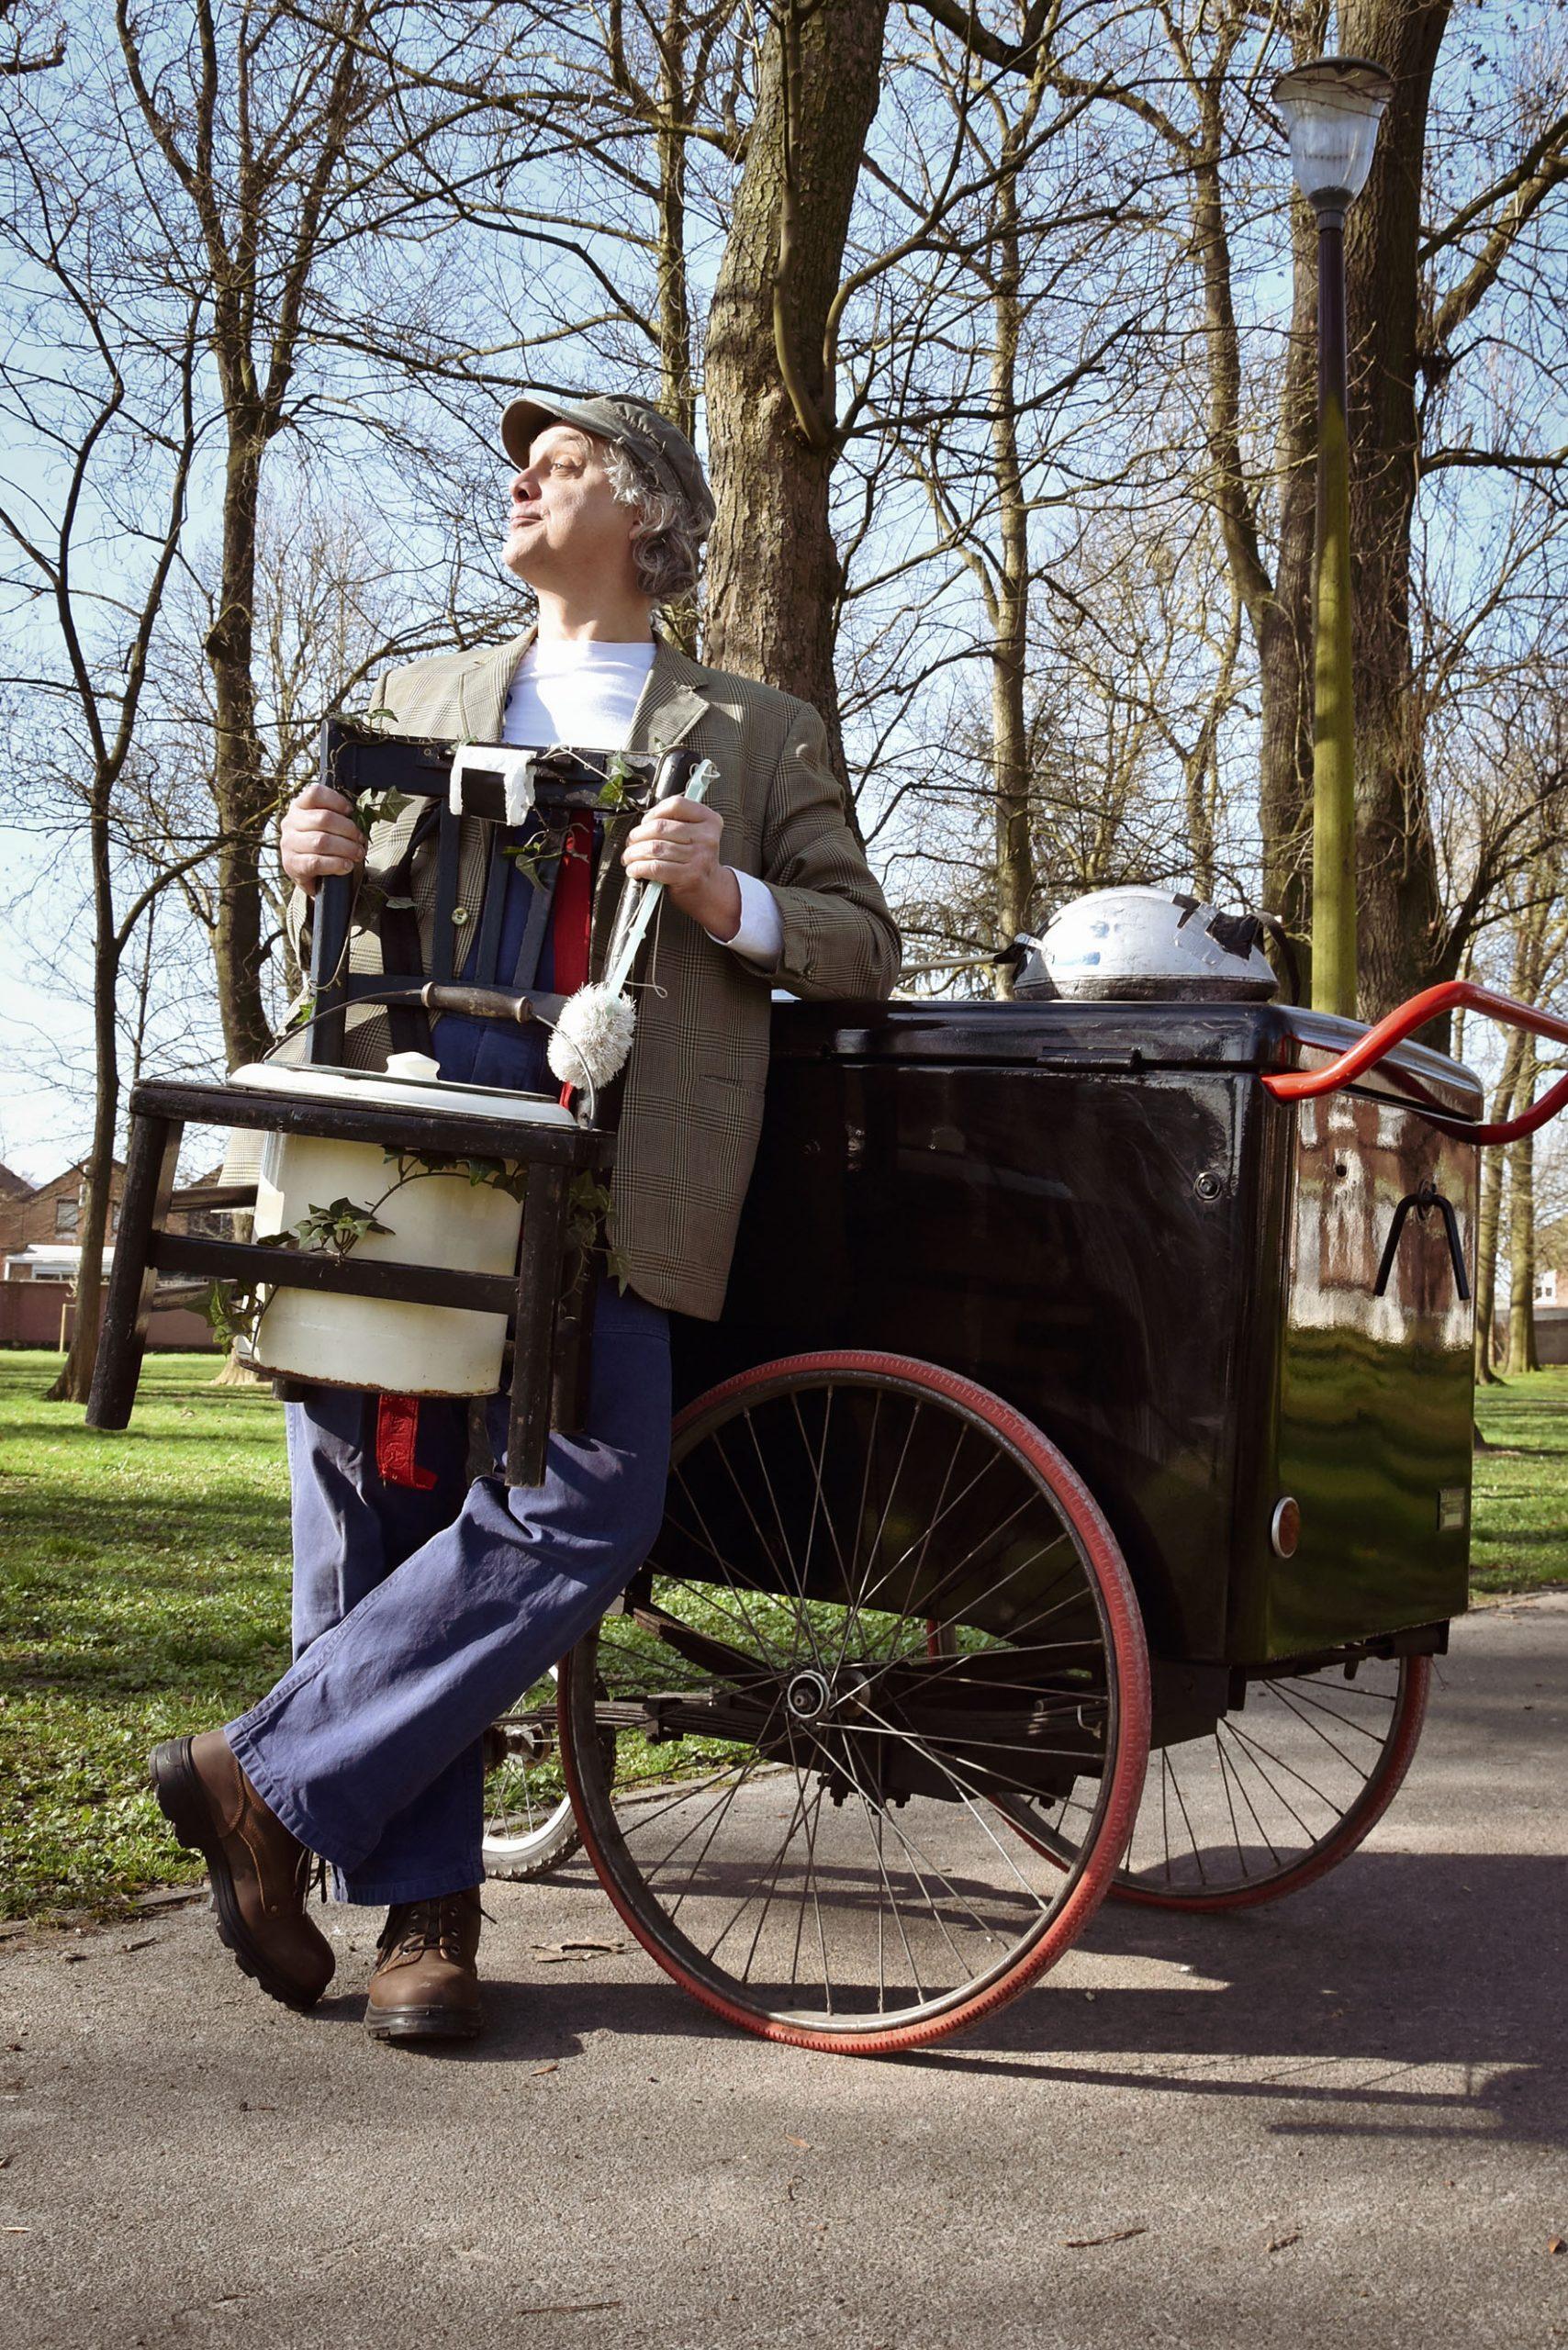 Emile Liéatoux, bienfaiteur de l'humanité, présente une invention qui nous aidera dans notre vie de tous les jours en spectacle de rue